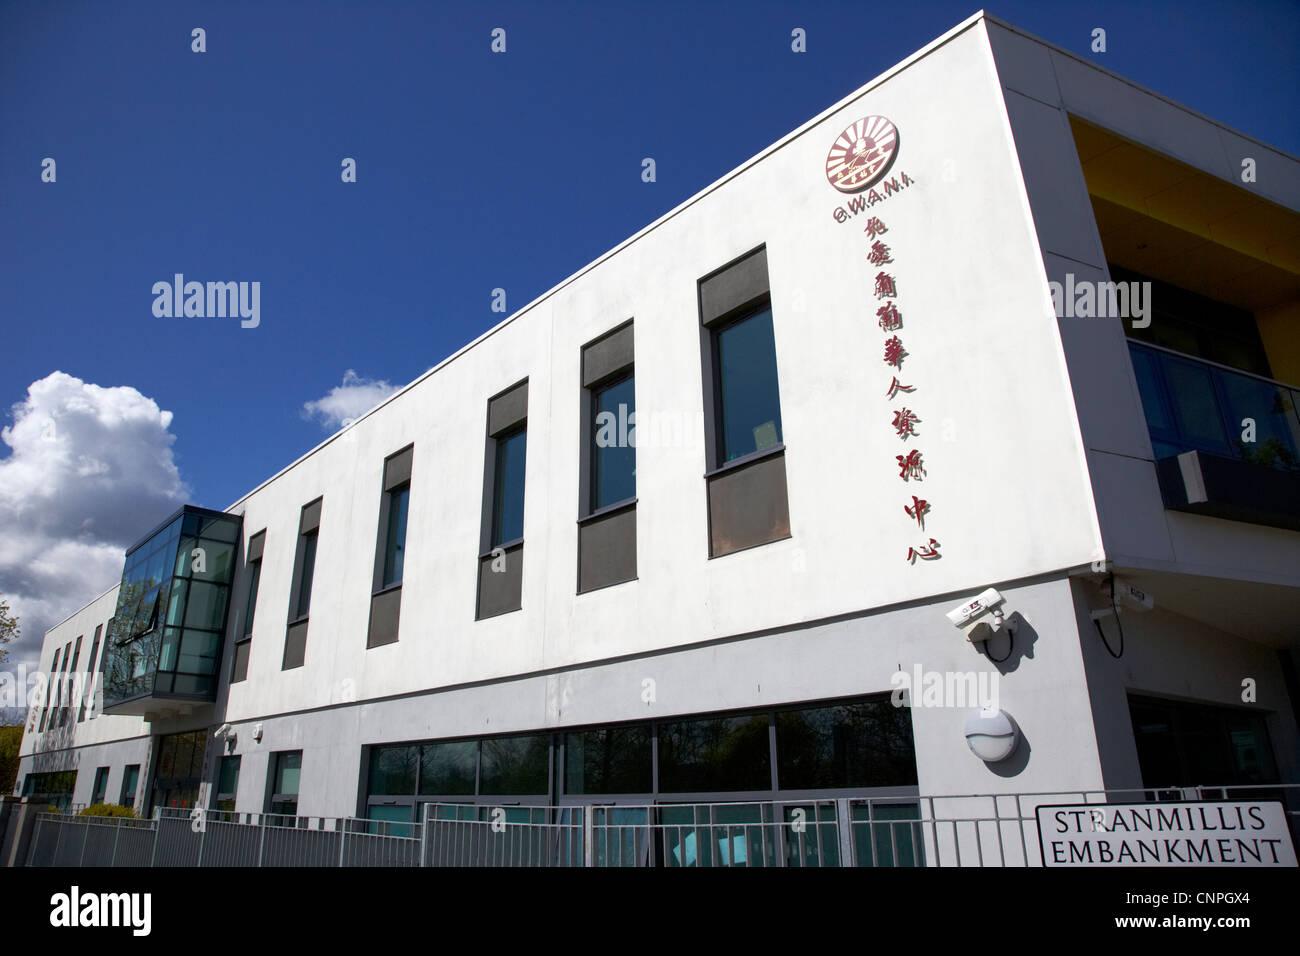 Il cinese welfare association Irlanda del Nord sede Belfast Irlanda del Nord Regno Unito Immagini Stock